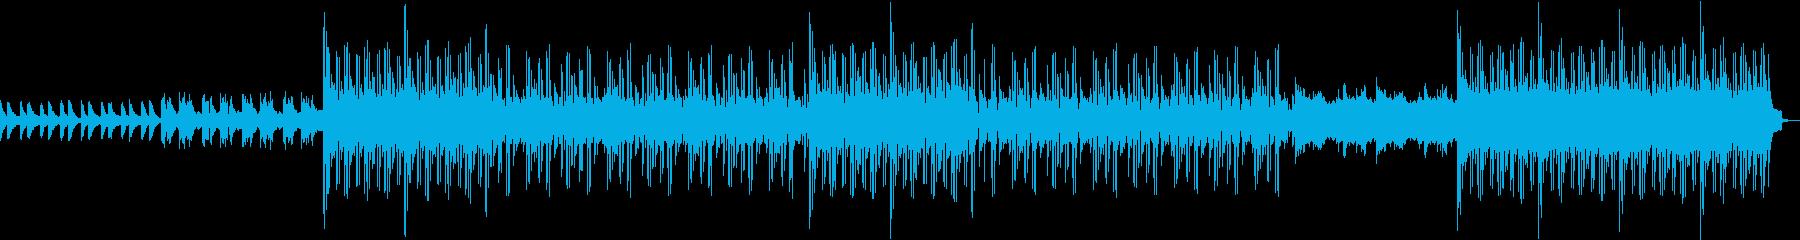 ピアノをメインにしたクラシック調のR&Bの再生済みの波形